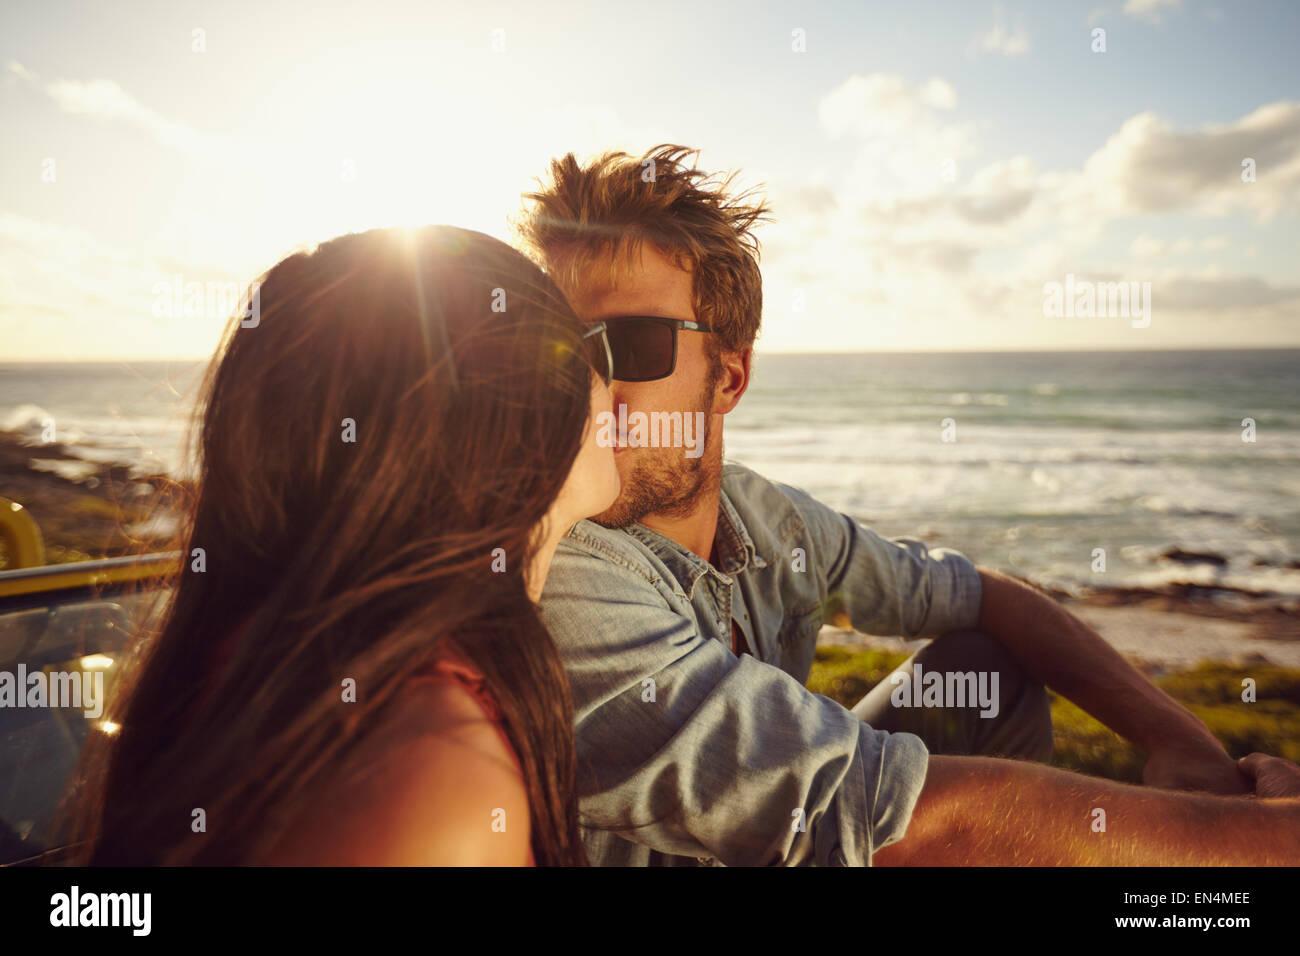 Affettuosa coppia giovane baciare sulla spiaggia. Amare giovane coppia con mare in background. Coppia romantica in vacanza. Foto Stock